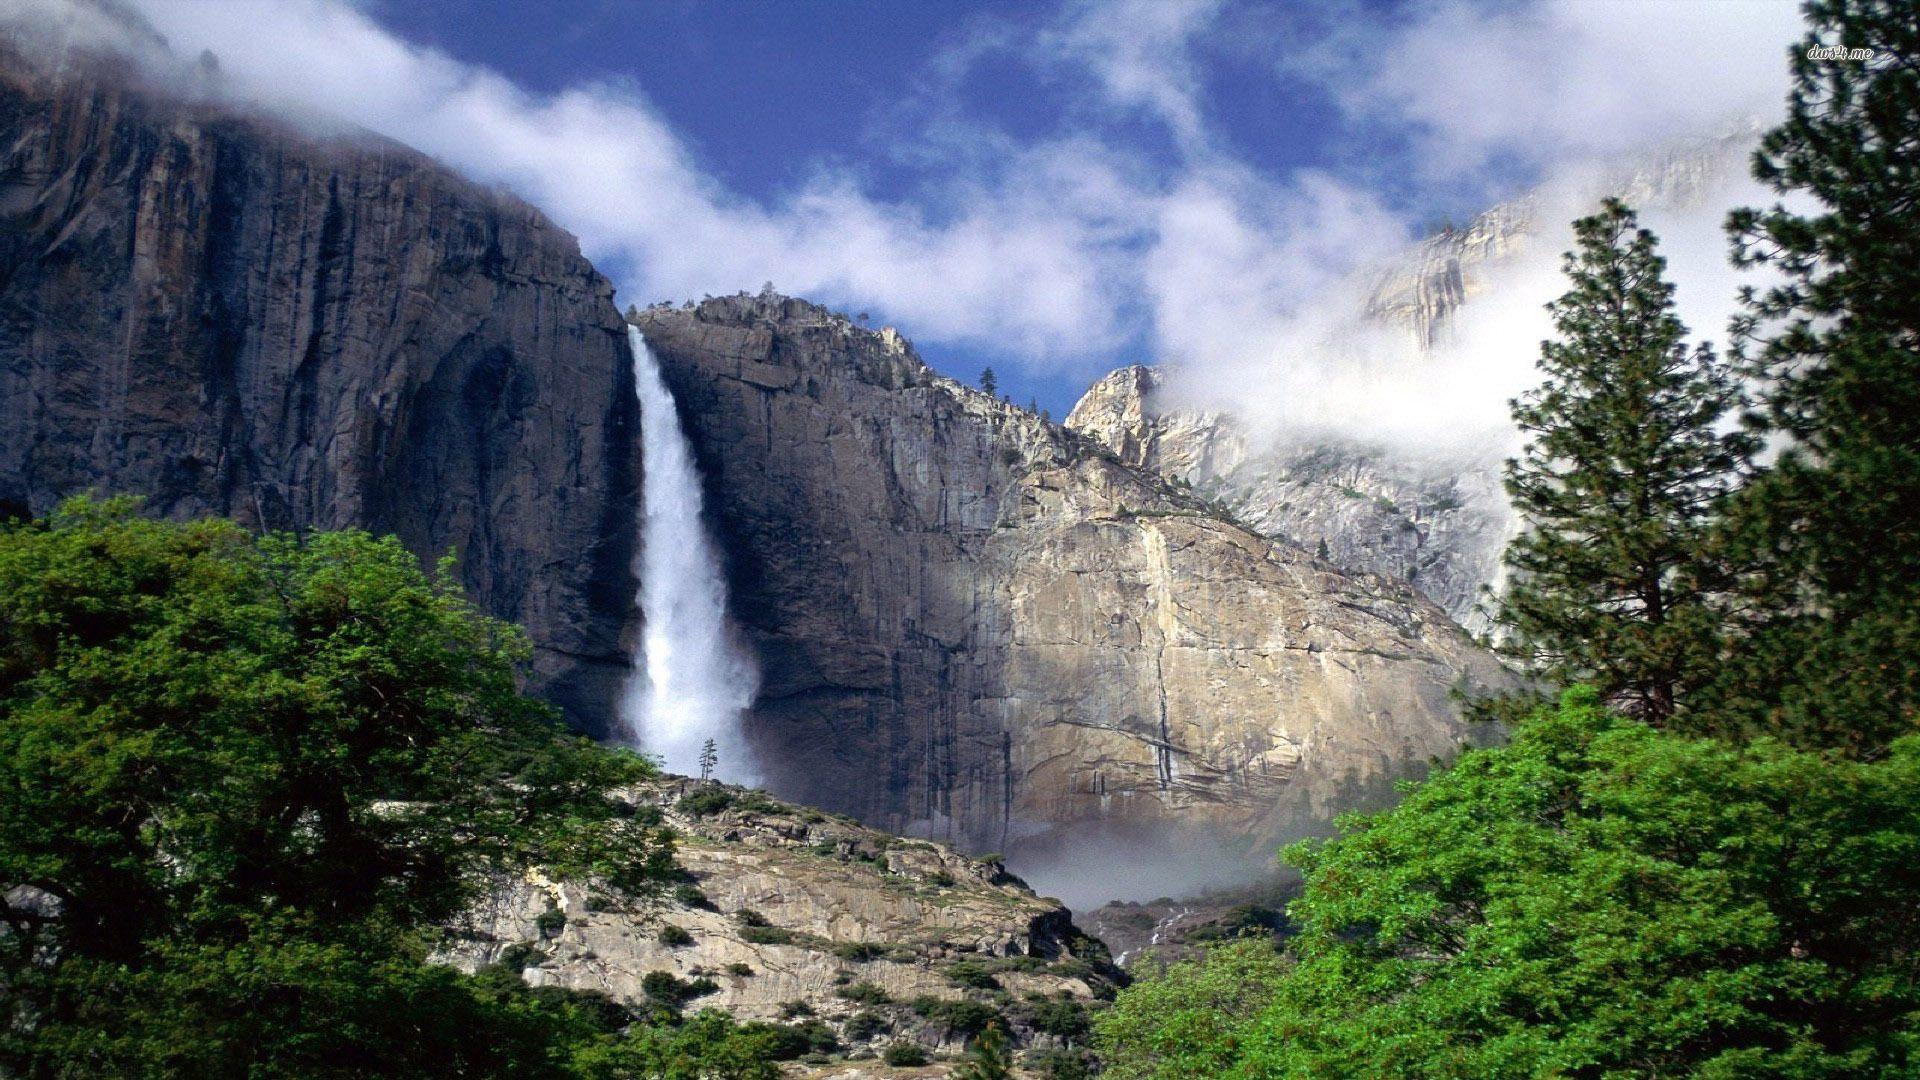 Download Wallpaper Macbook Yosemite - e58a66a80760e873811f7b84b3847502  Pic_419387.jpg